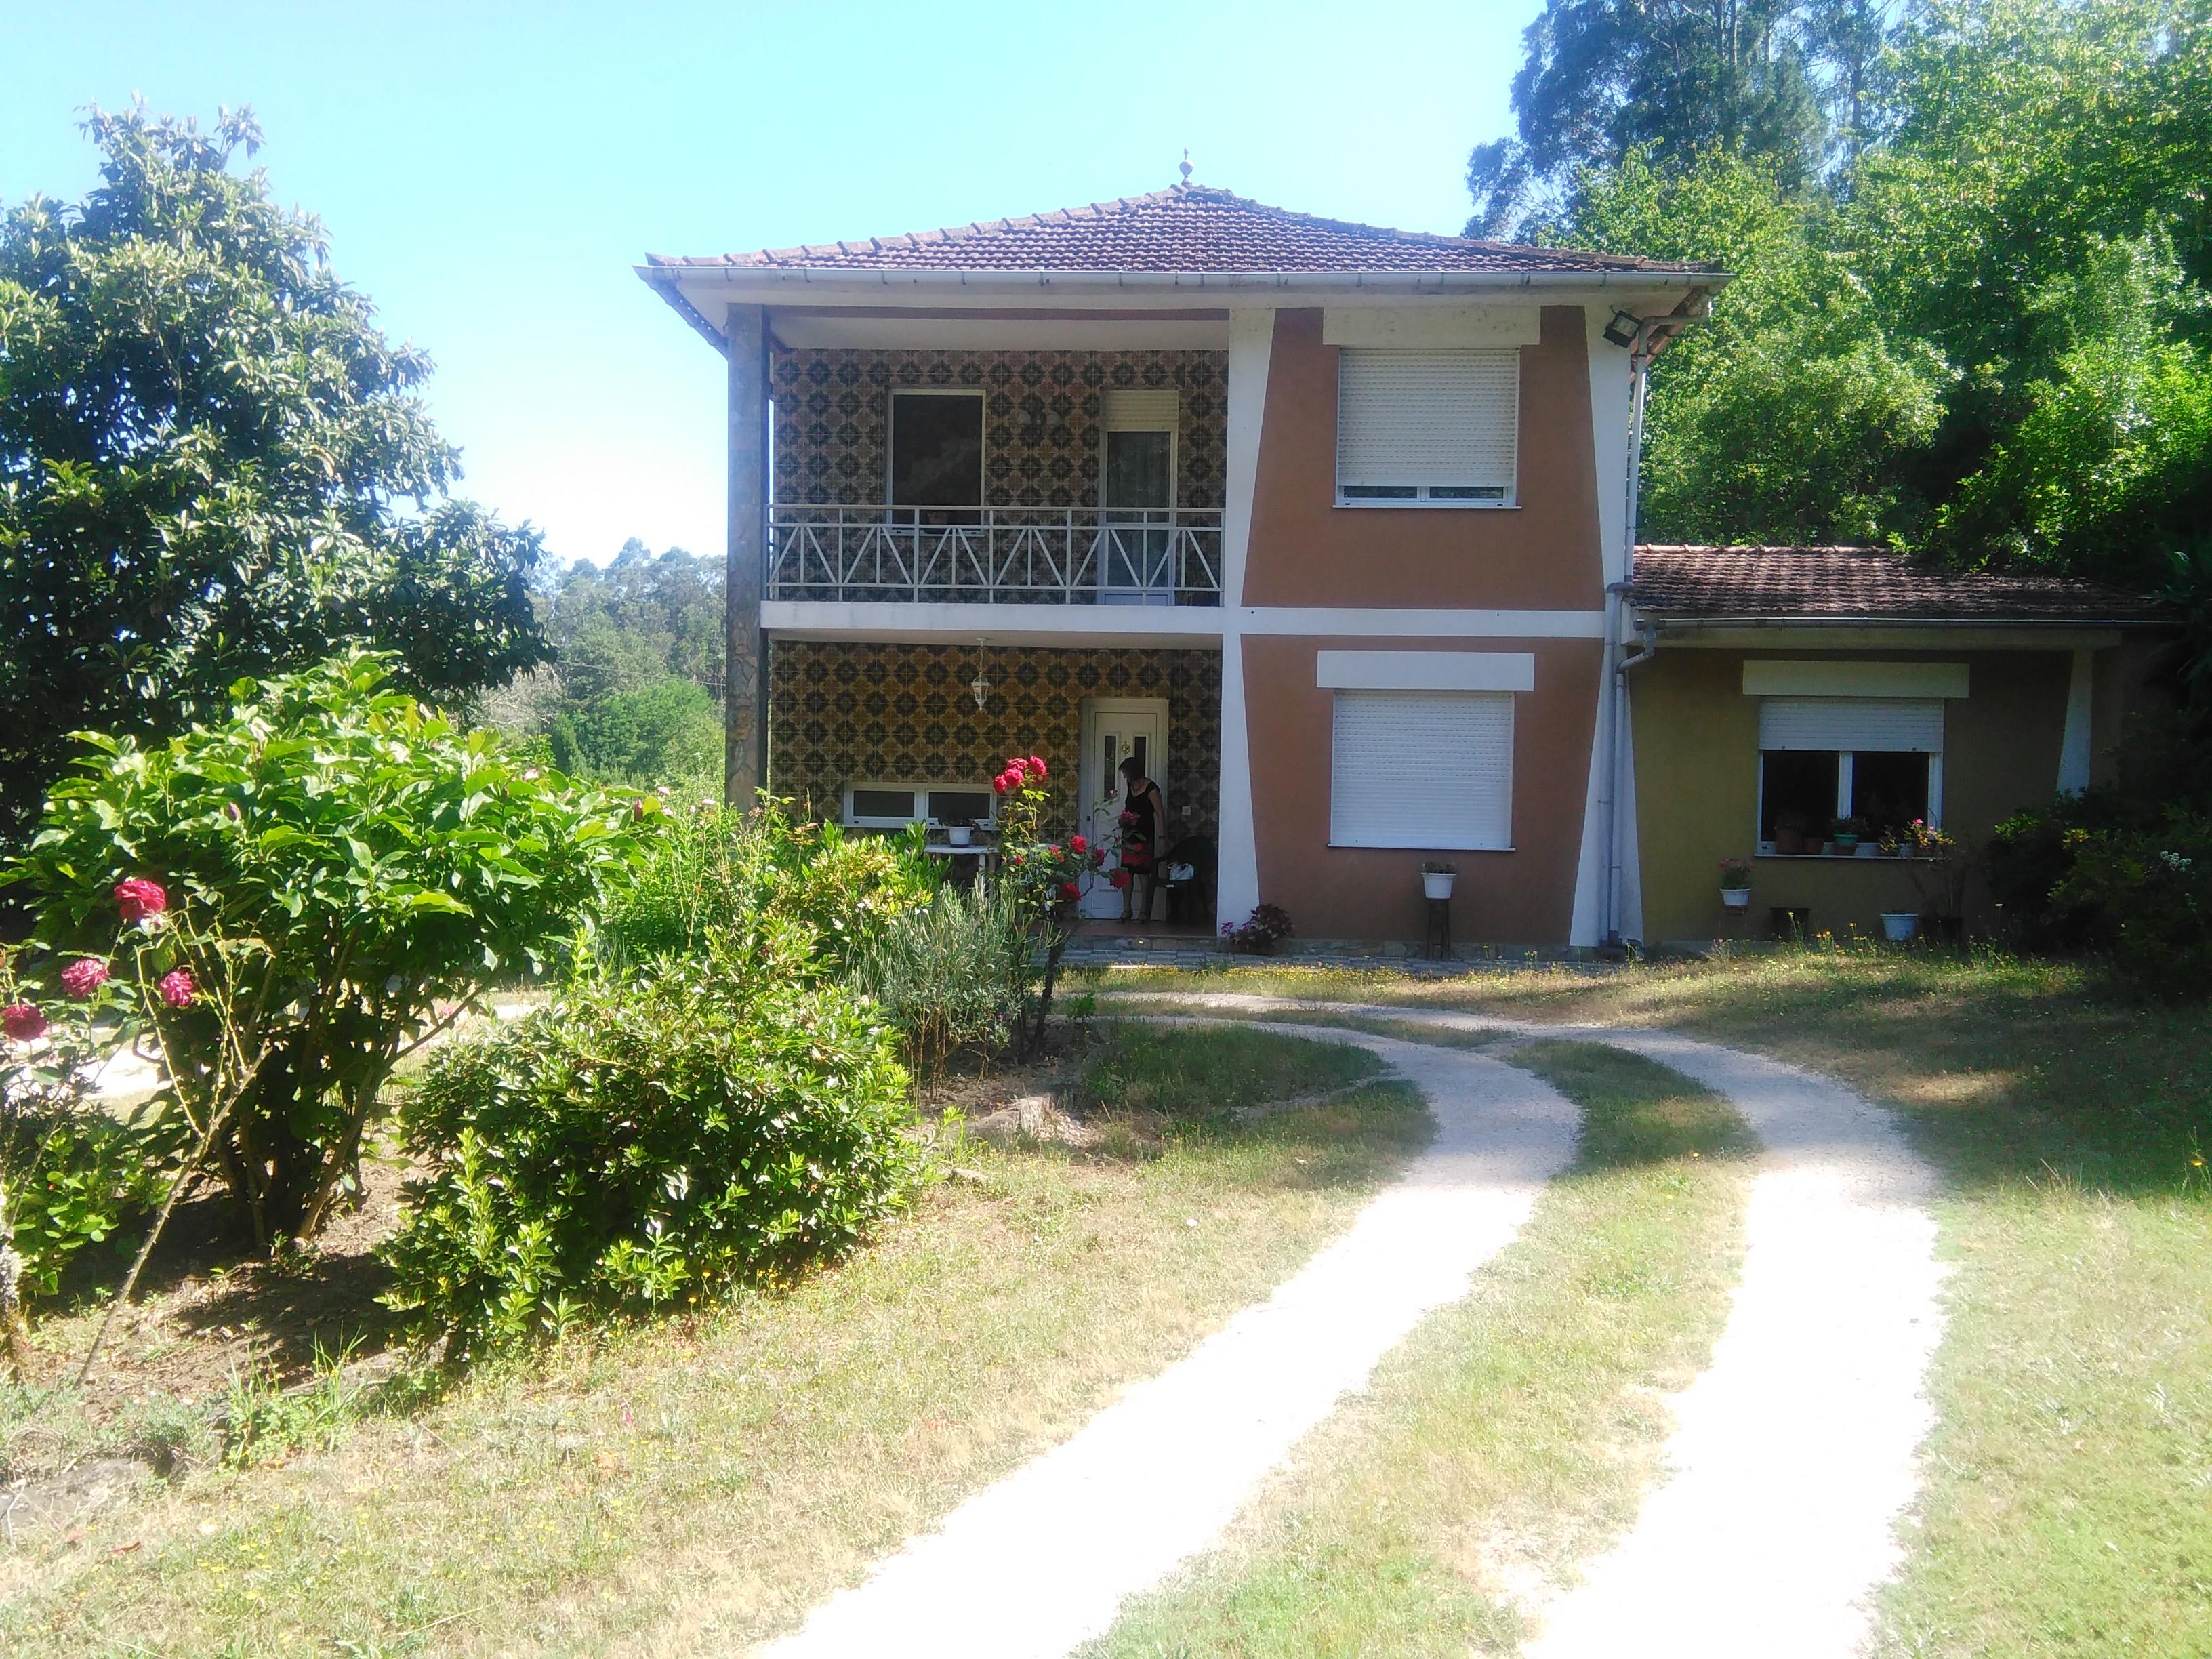 Alquiler de casa con finca inmobiliaria - Alquiler casa mino ...